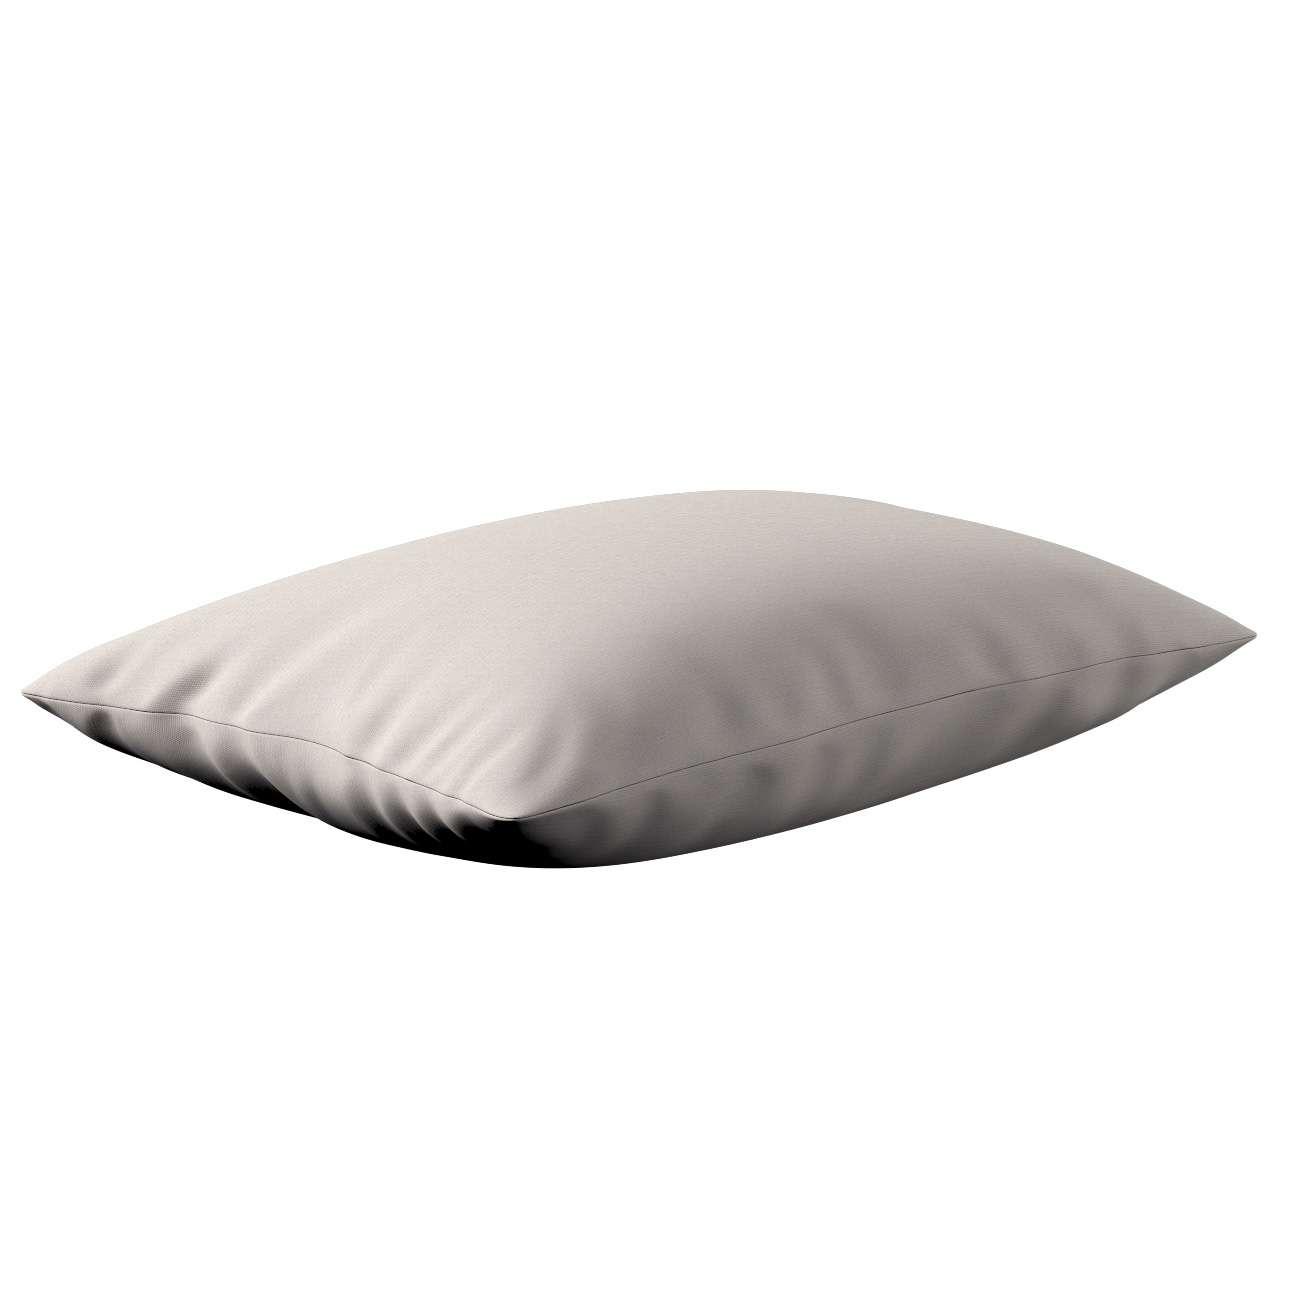 Poszewka Kinga na poduszkę prostokątną 60 x 40 cm w kolekcji Cotton Panama, tkanina: 702-31